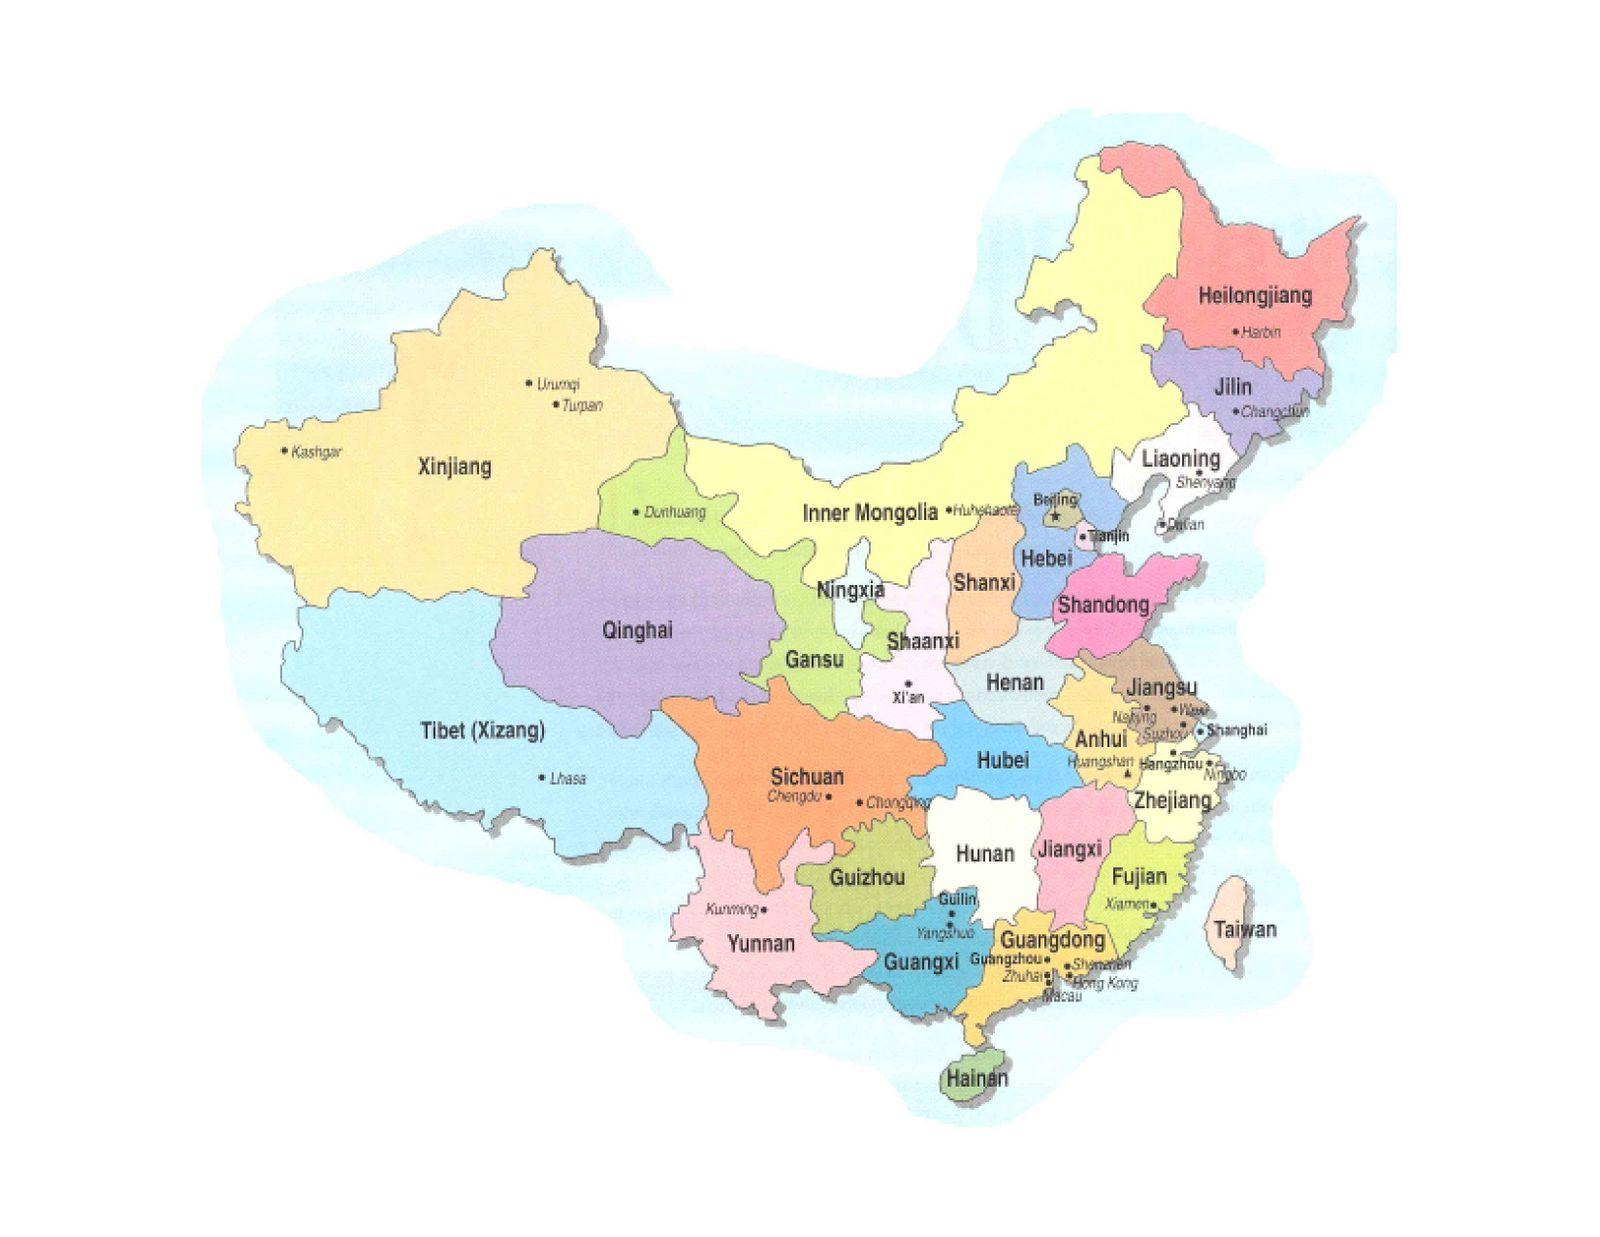 Mapa Fisico De China.Mapa De China Mapa Fisico Geografico Politico Turistico